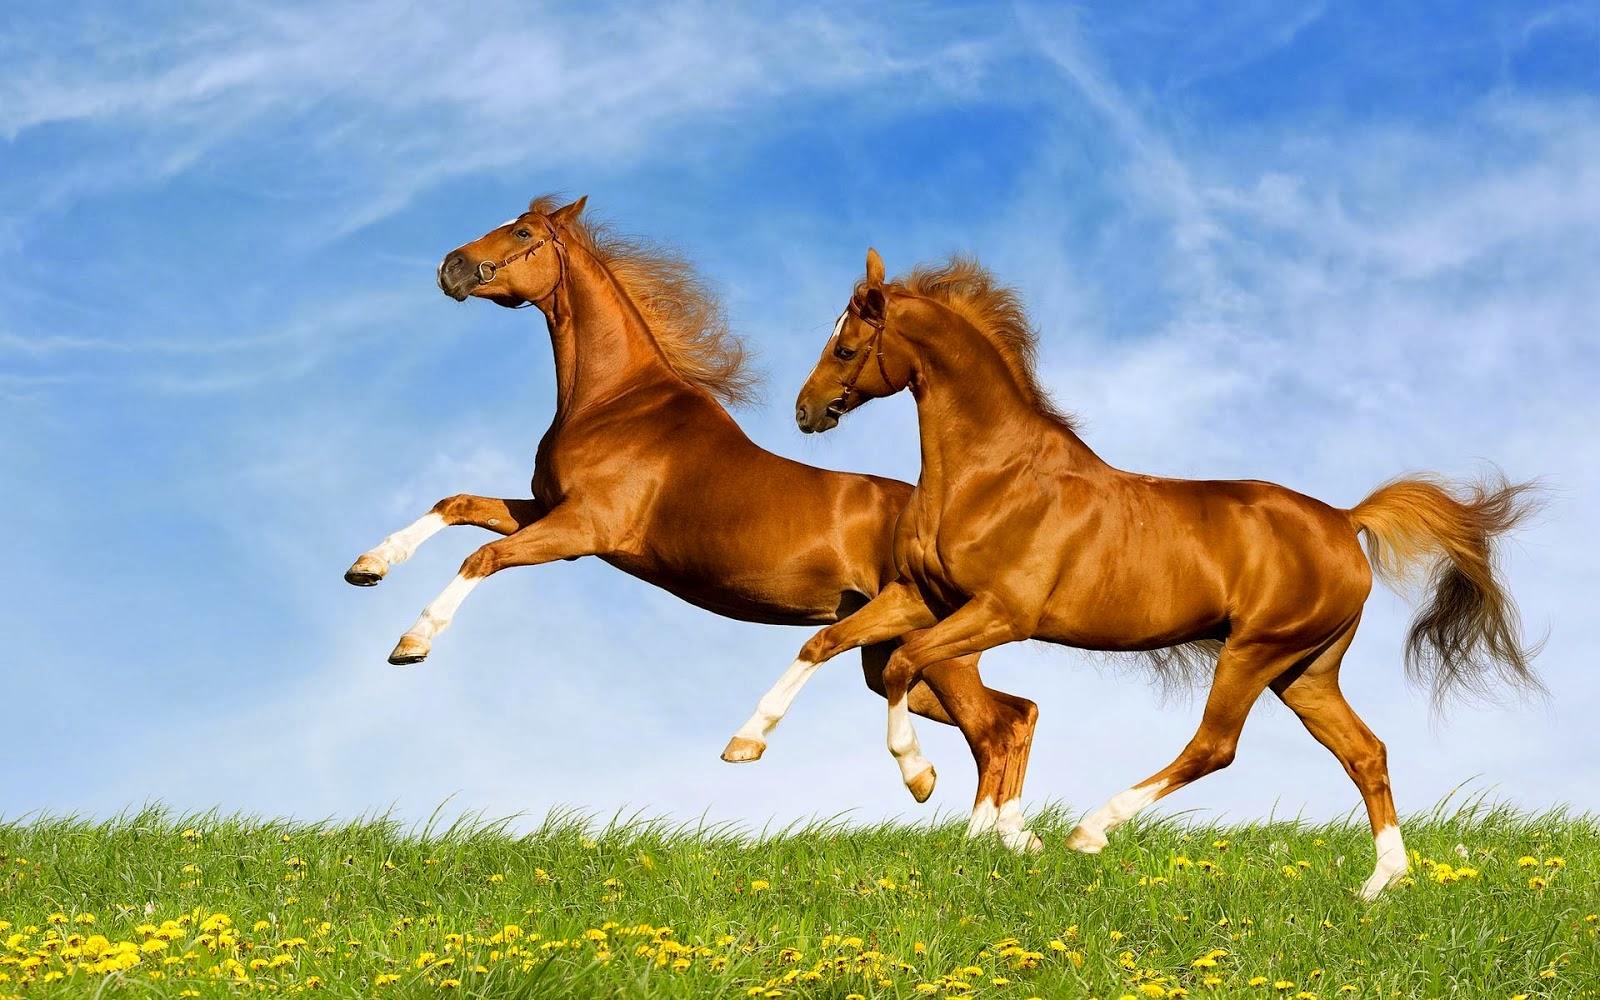 صور خيول جديدة وجميلة روعة صورة حصان عربي اصيل احصنة